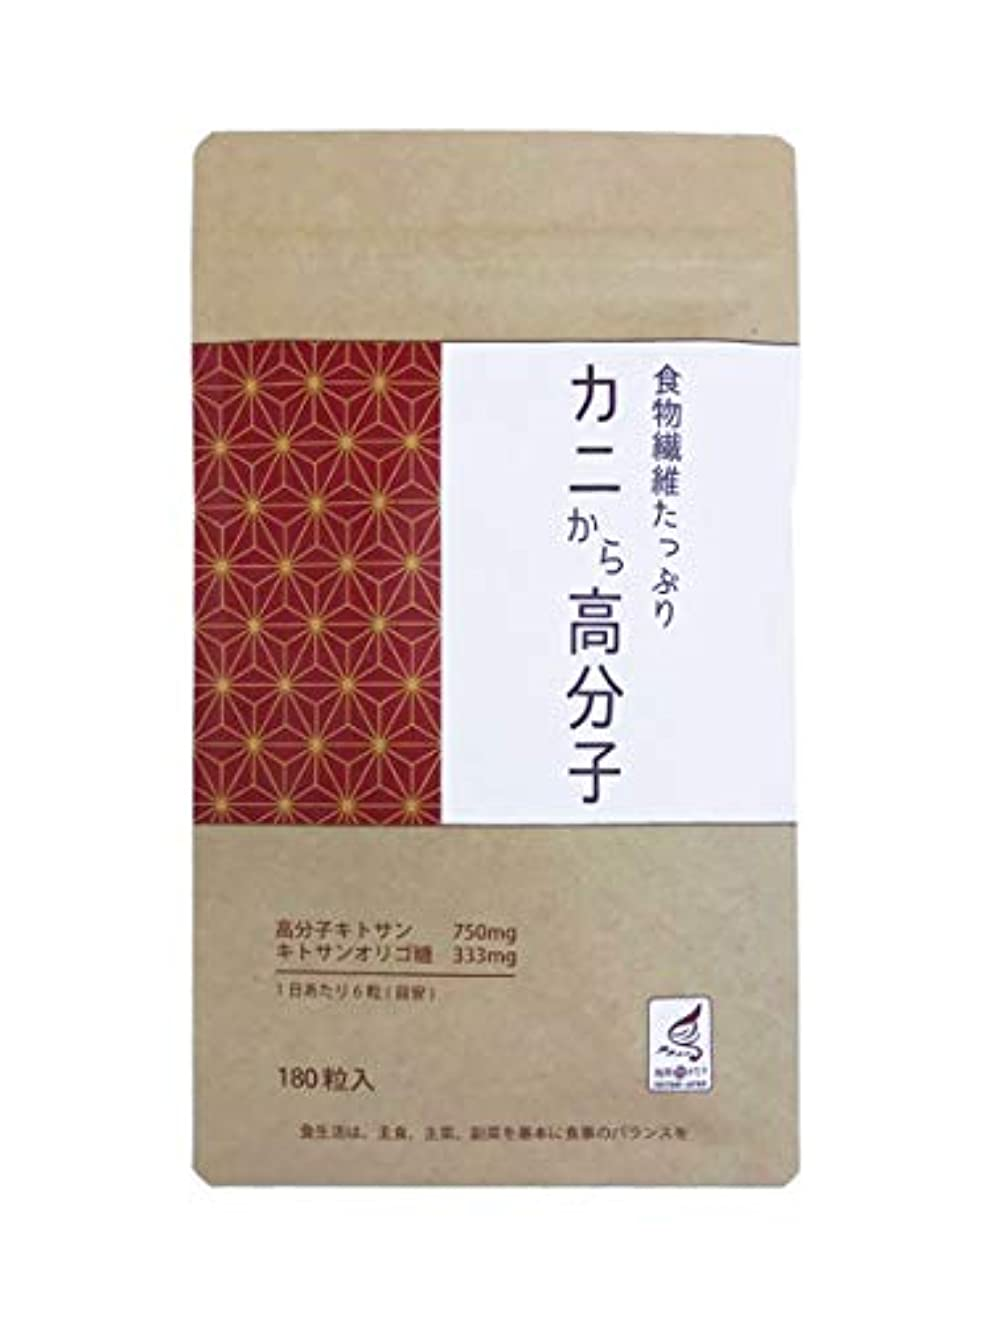 名詞経歴コミュニティキトサン&キトサンオリゴ糖「カニから高分子」/【CC】